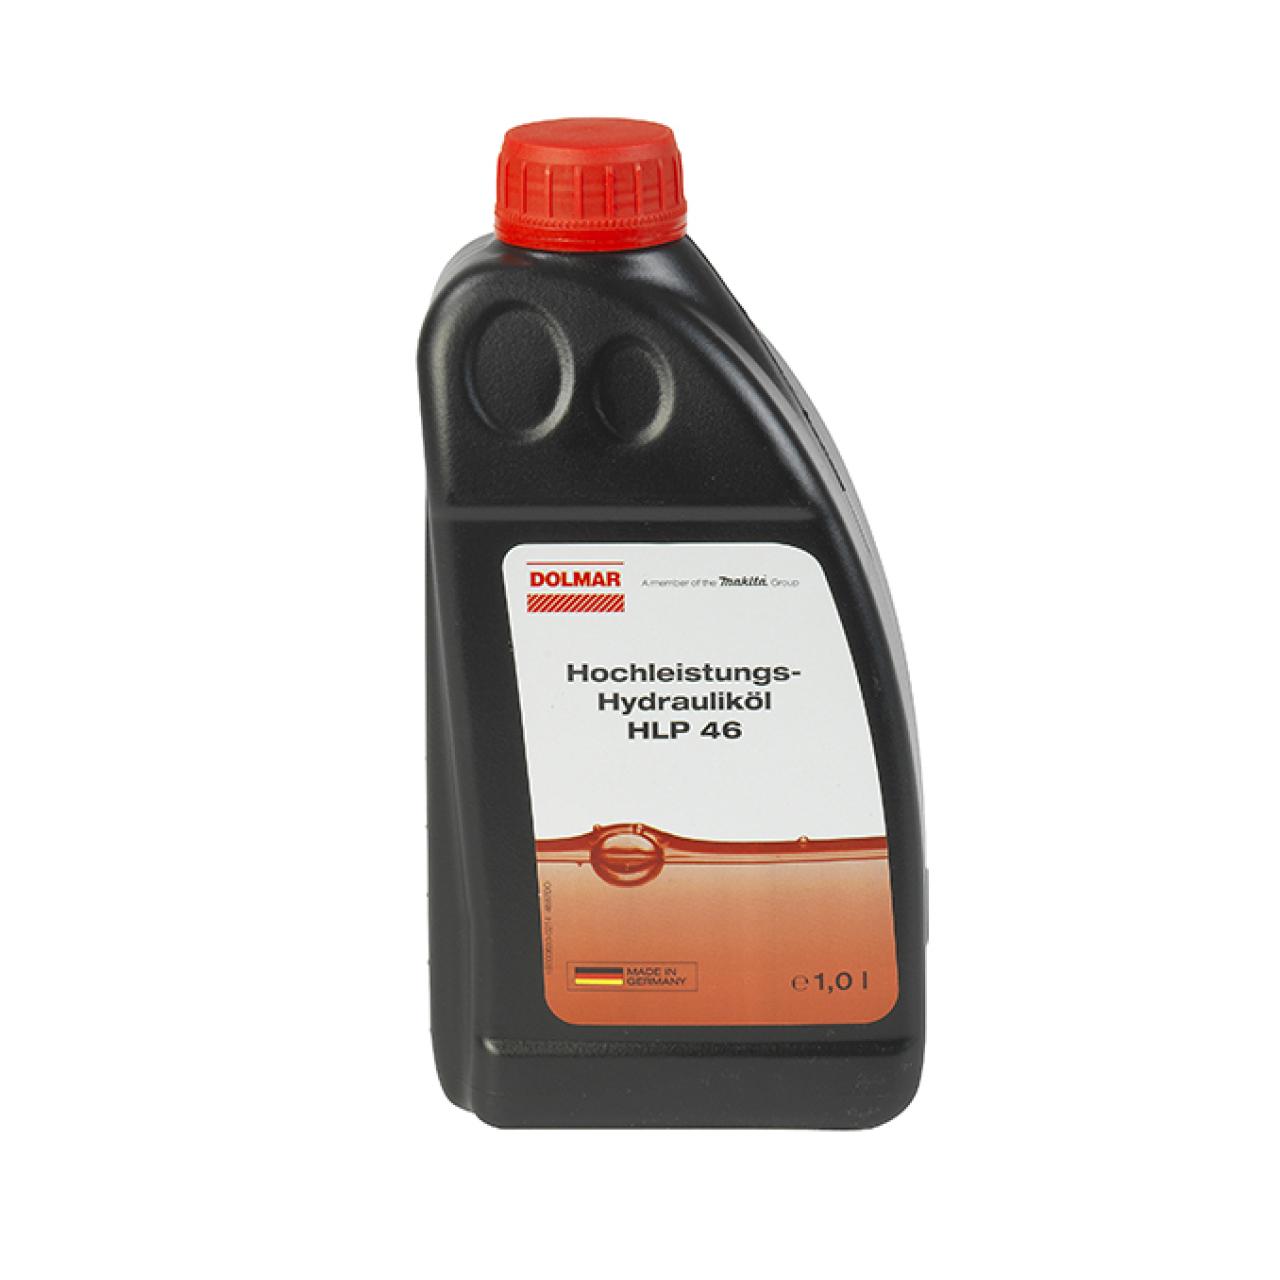 Hydrauliköl HLP 46 1 l